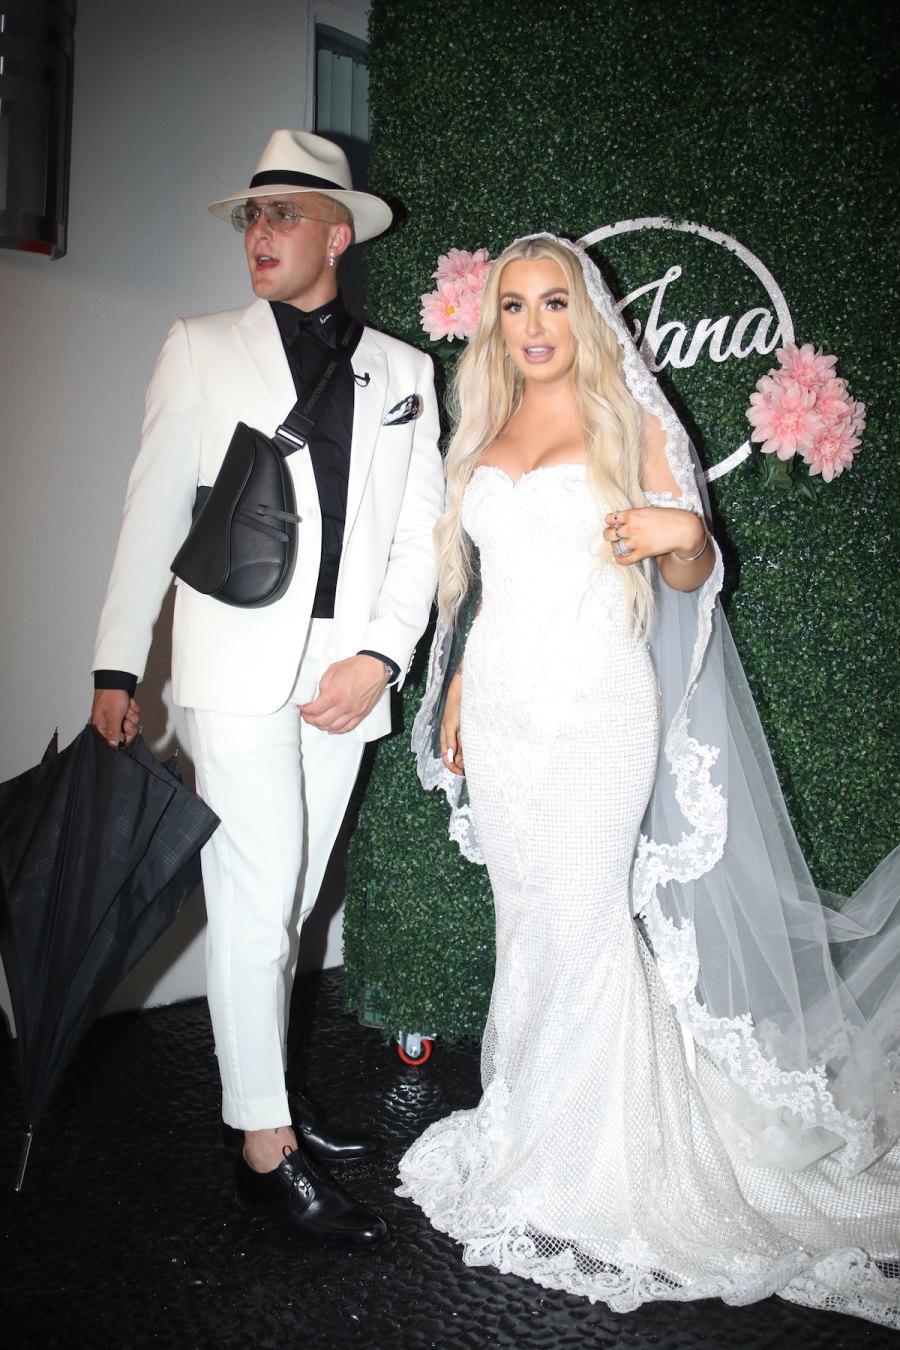 YouTubers Jake Paul Marries Tana Mongeau in Extravagant ...